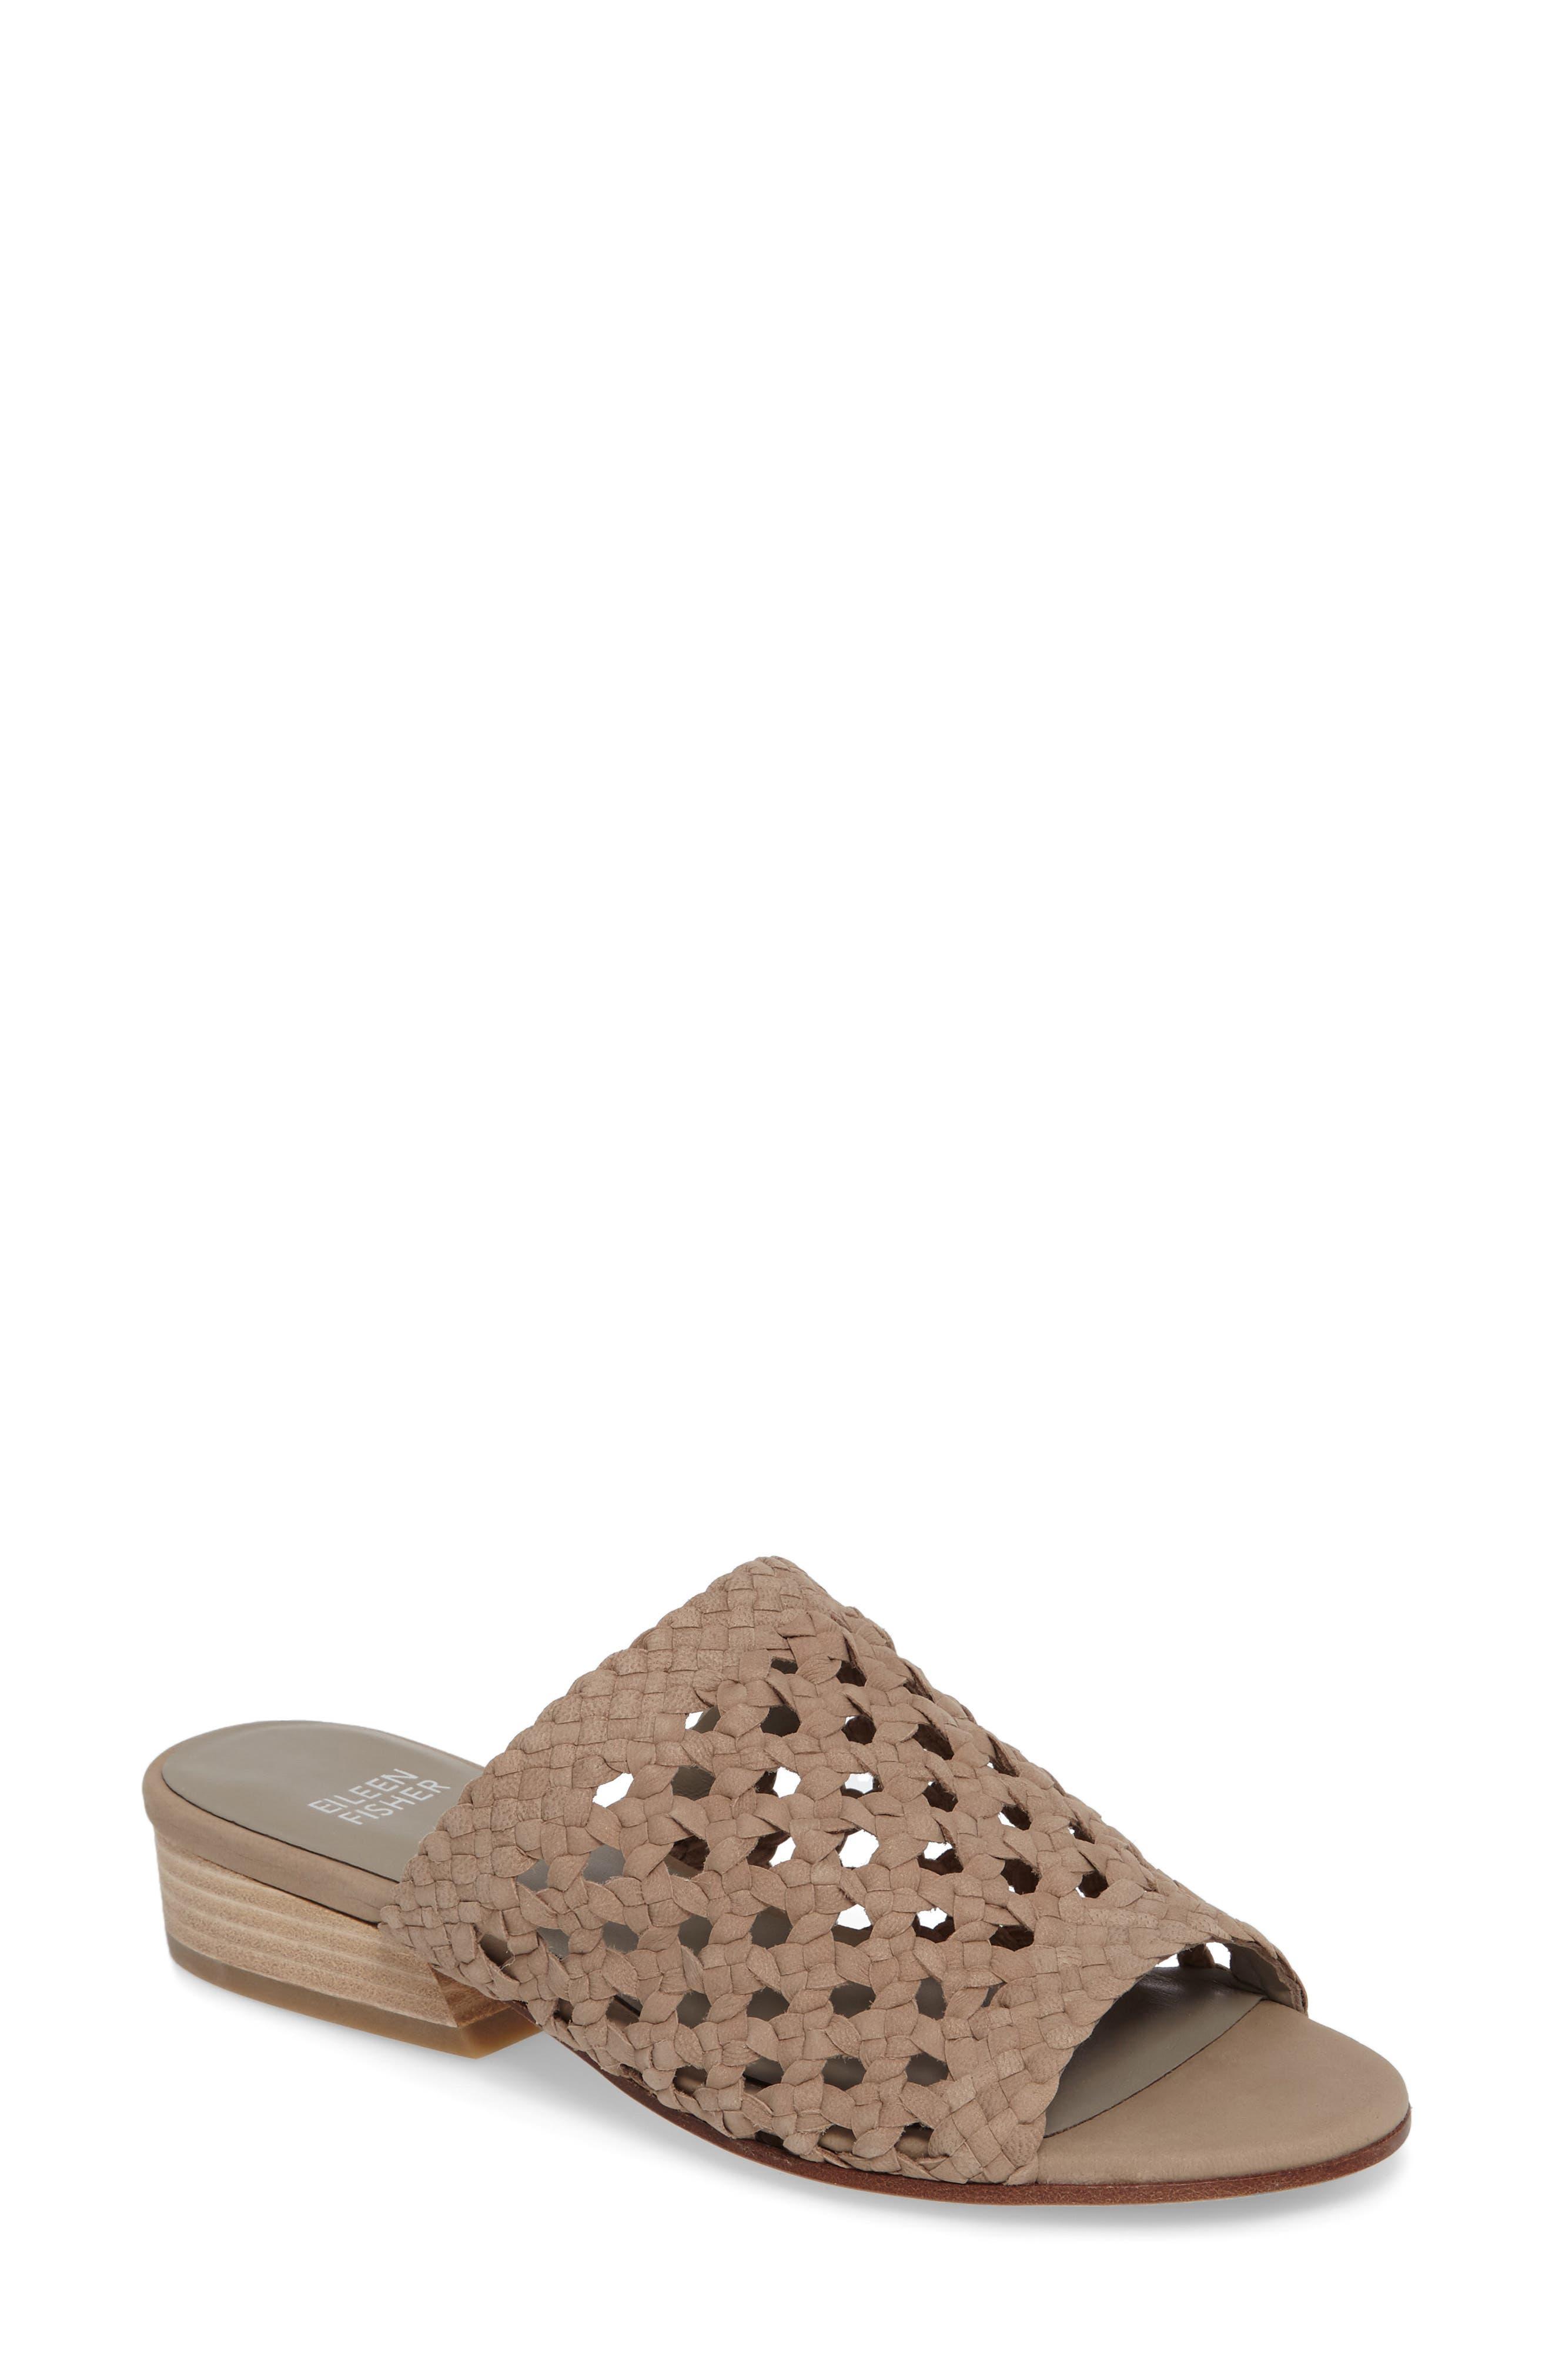 Alternate Image 1 Selected - Eileen Fisher Aloe Slide Sandal (Women)